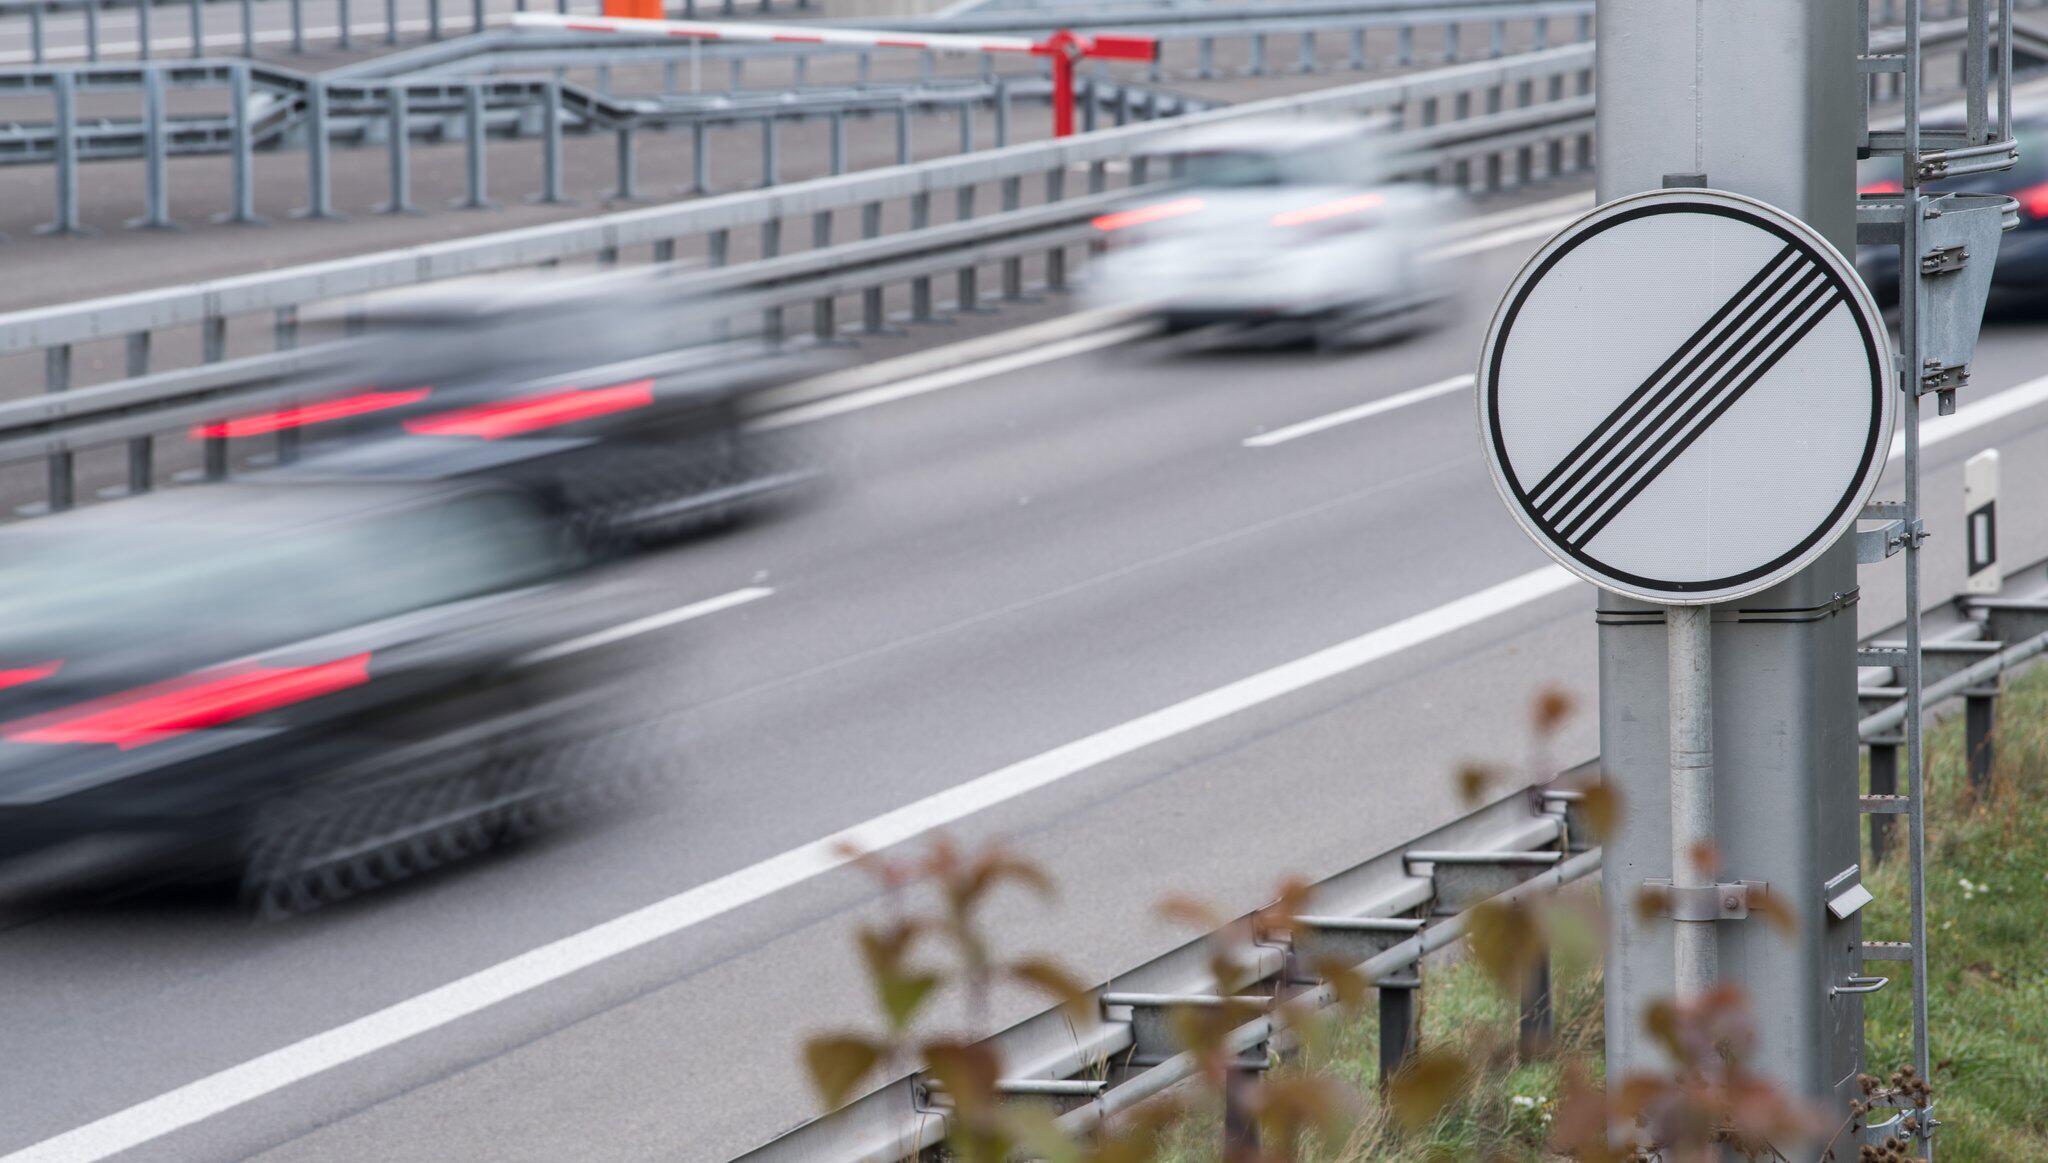 Bild zu Auf der Autobahn - ohne Tempolimit